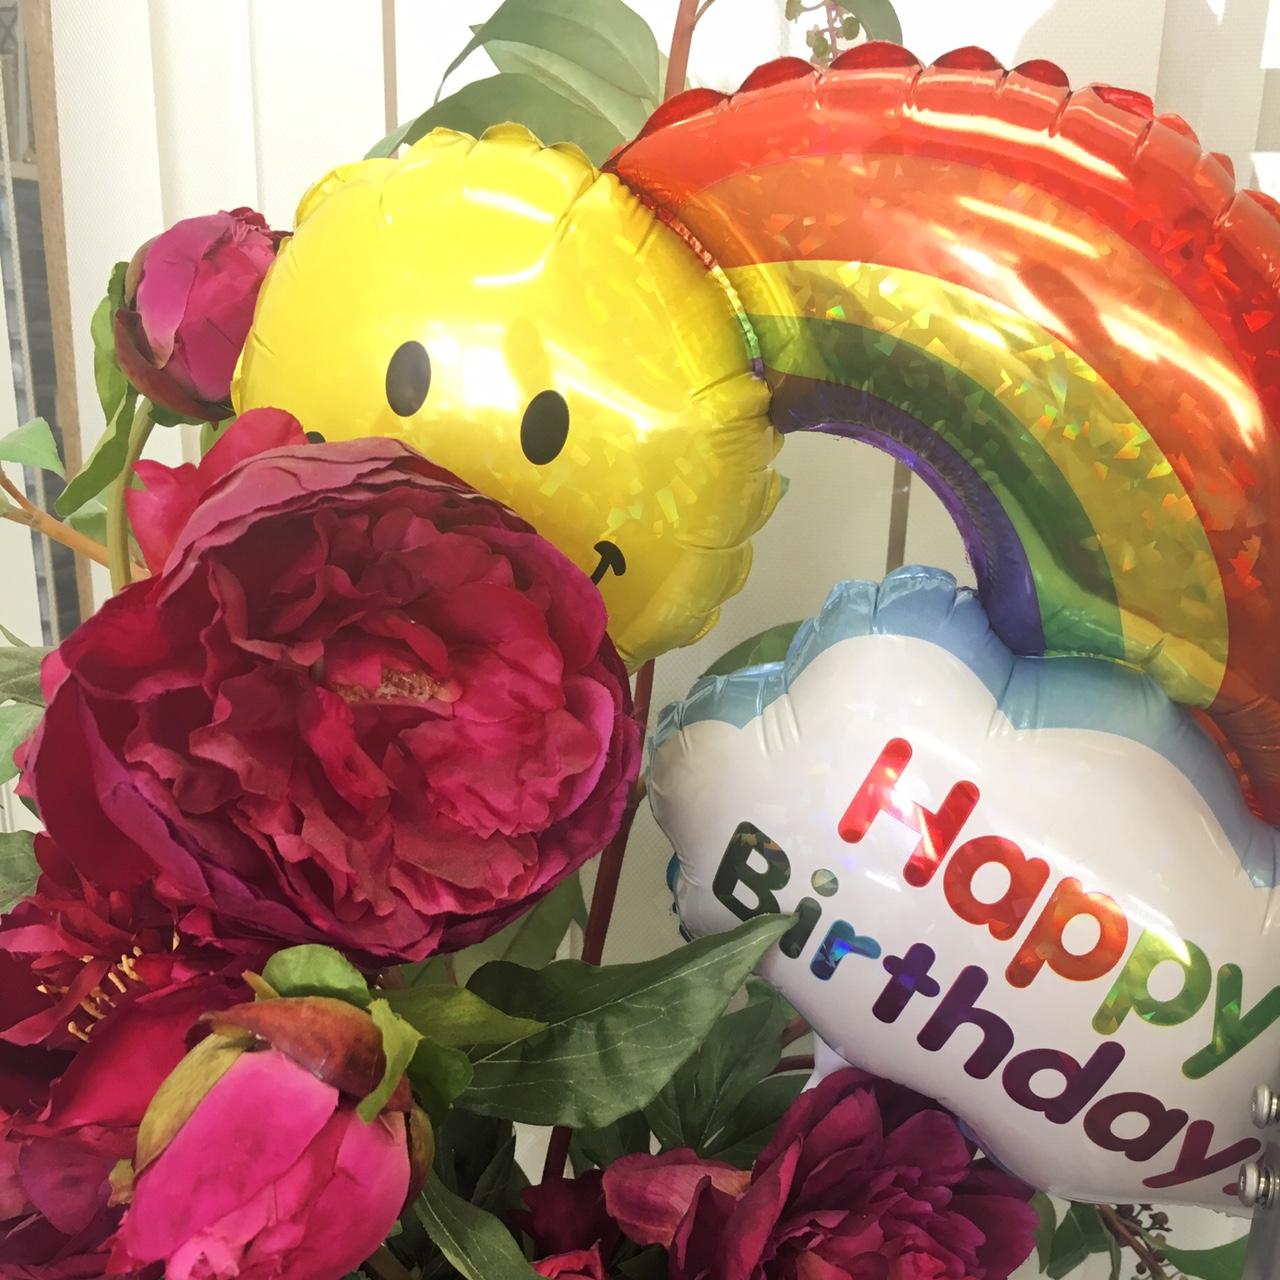 お誕生日には風船がもらえる会社です